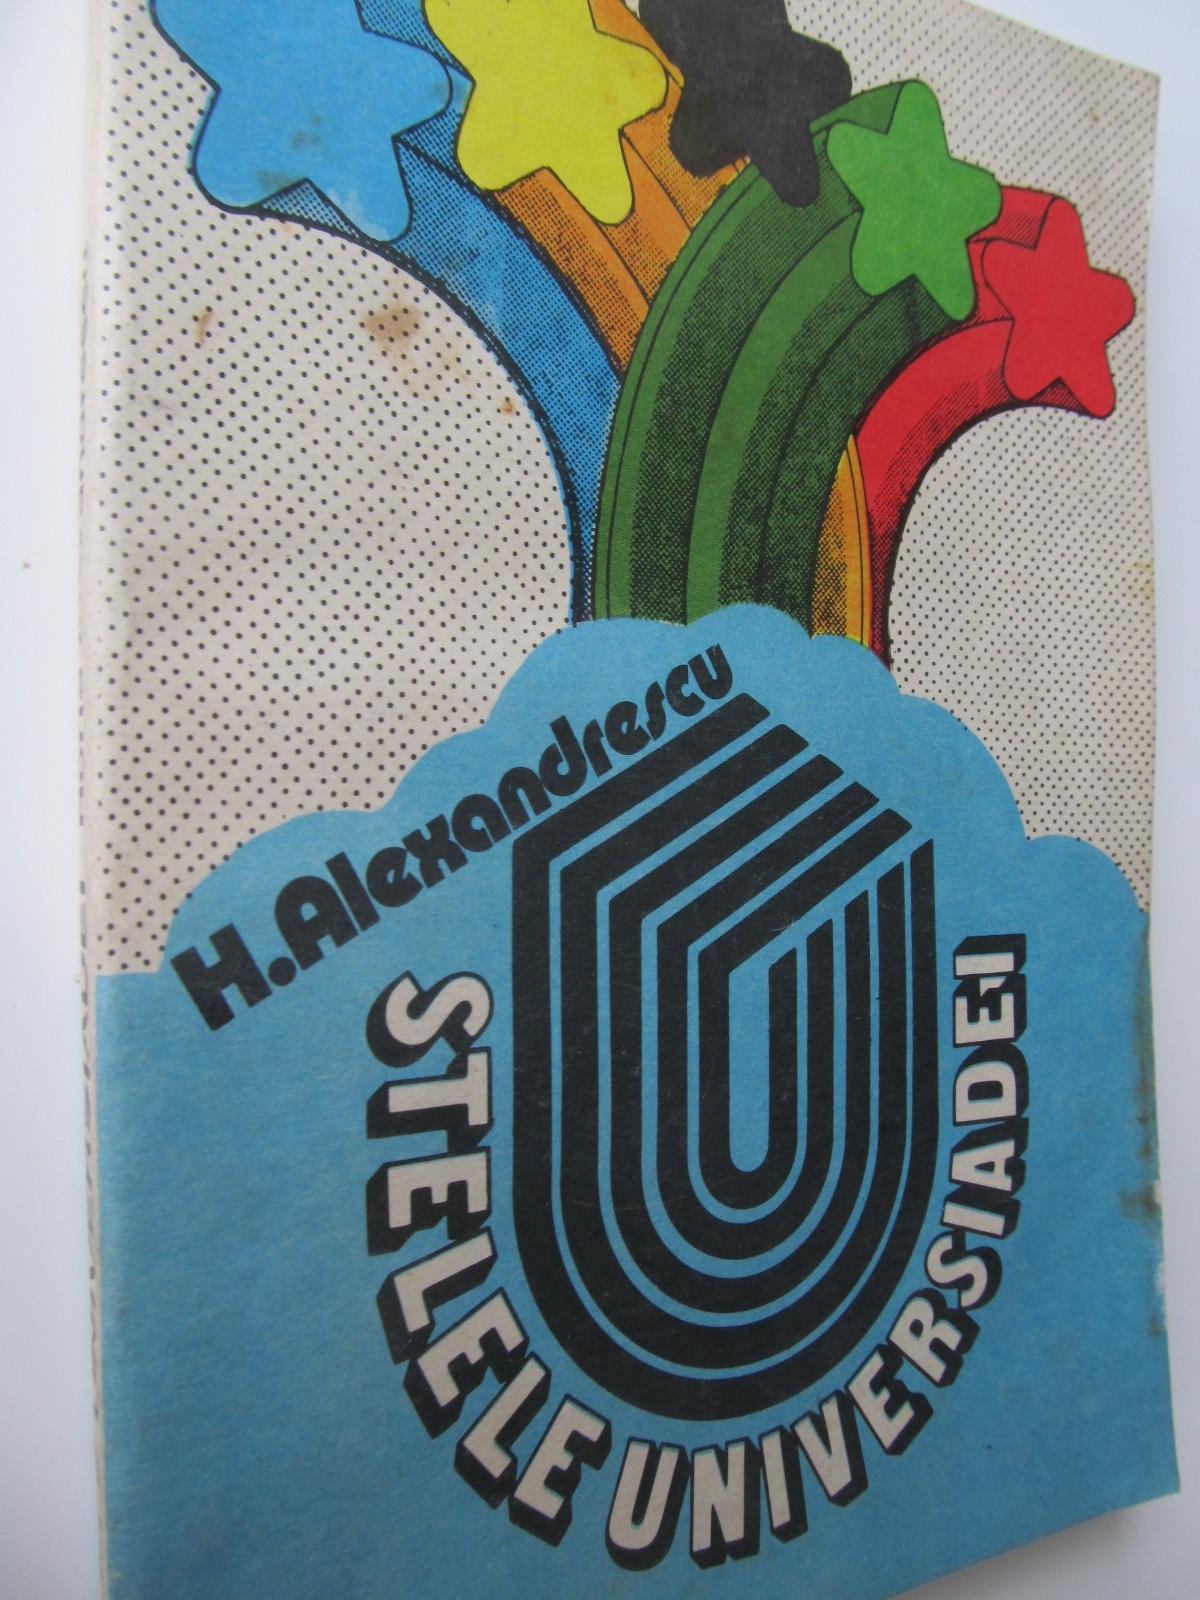 Carte Stelele universiadei - H. Alexandrescu